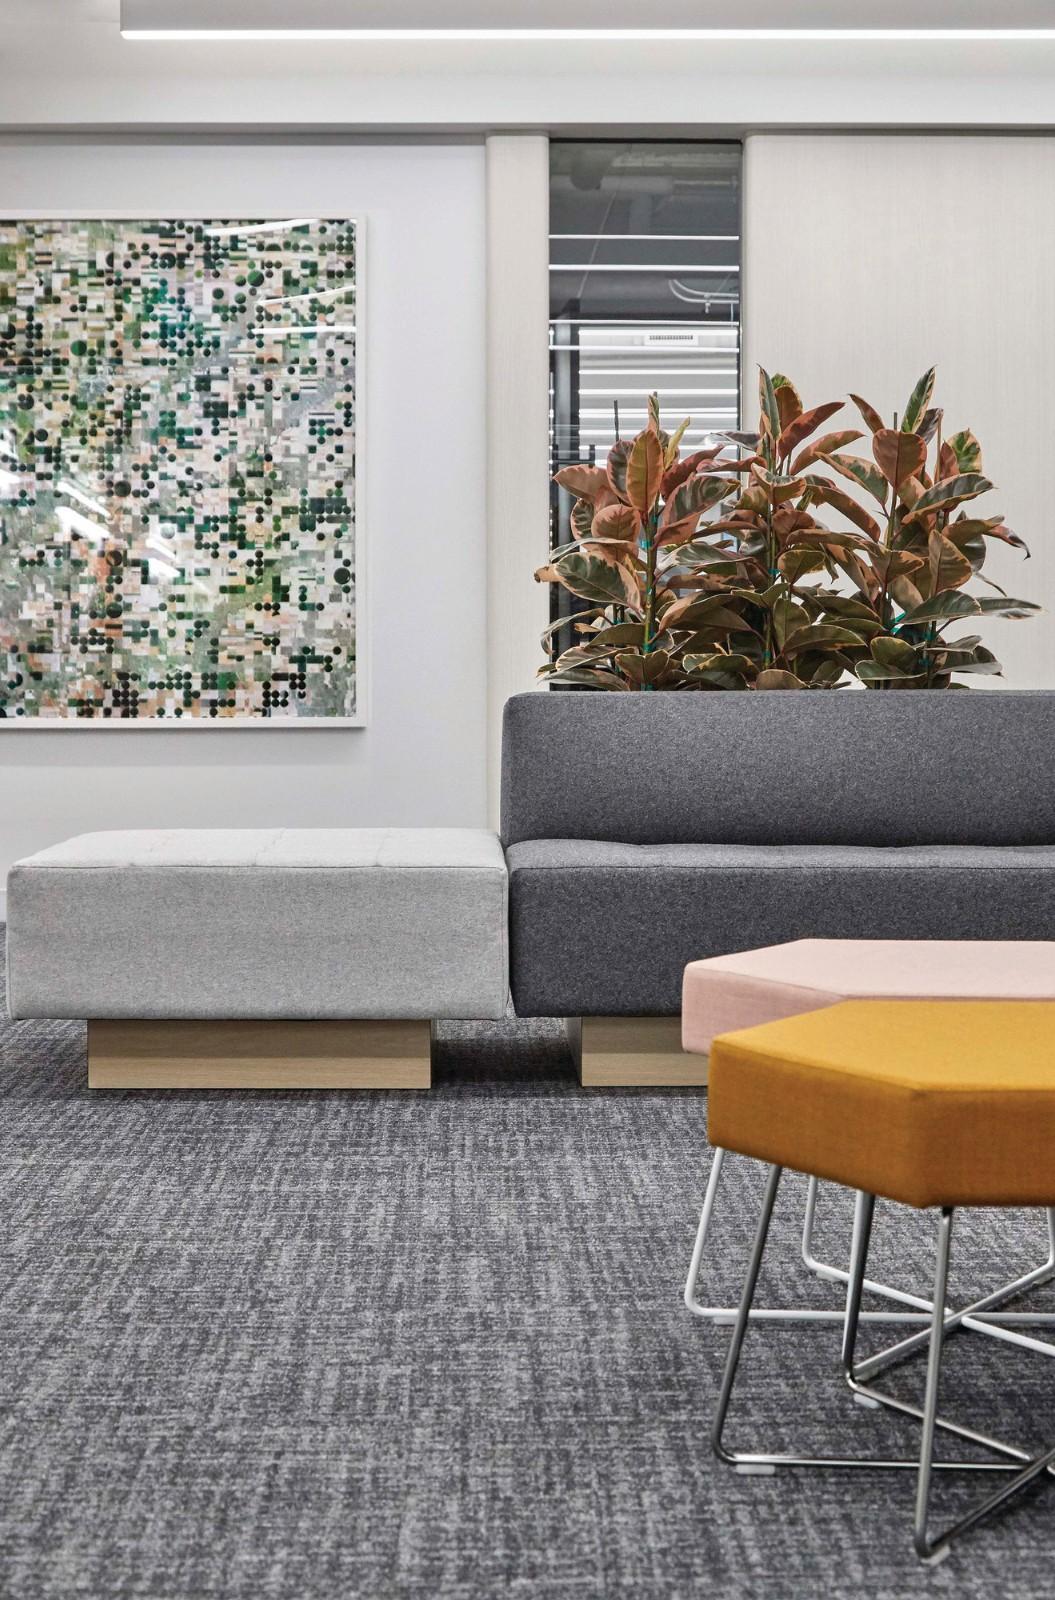 开放与优雅,旧金山Mapbox办公空间 | Revel Architecture & Design插图16